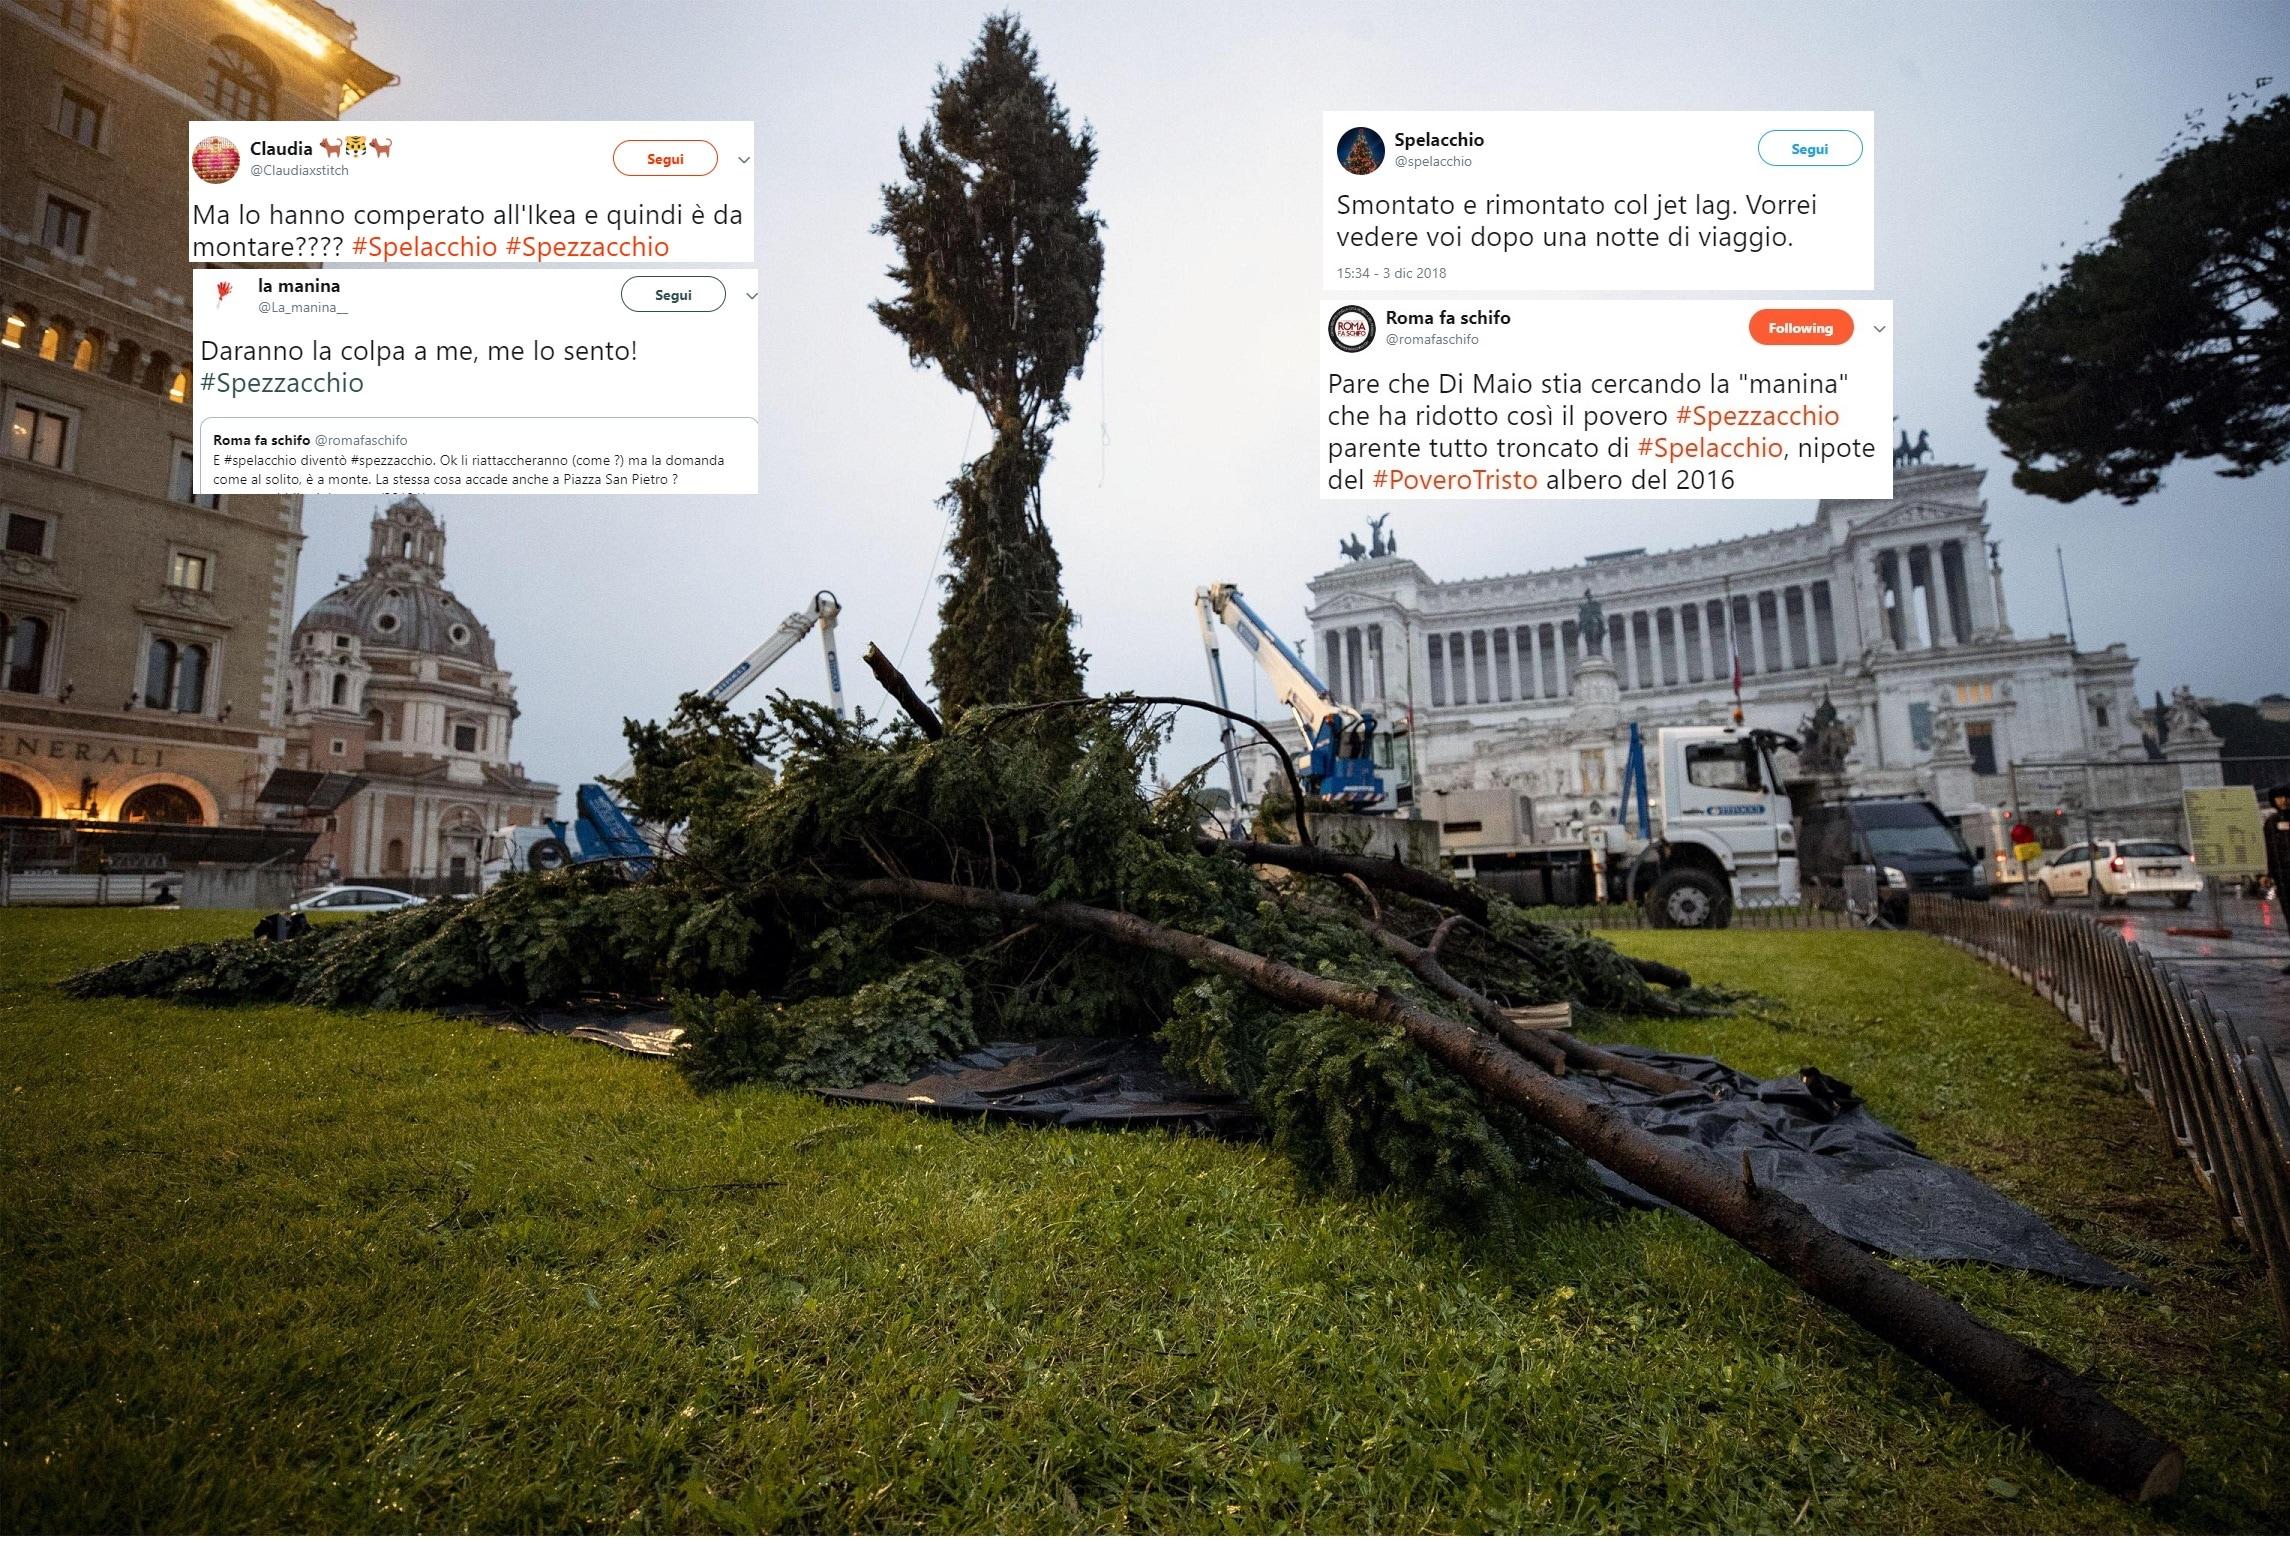 Albero Di Natale Roma.Da Spelacchio A Spezzacchio Perche L Albero Di Natale Di Roma Ha I Rami Spezzati